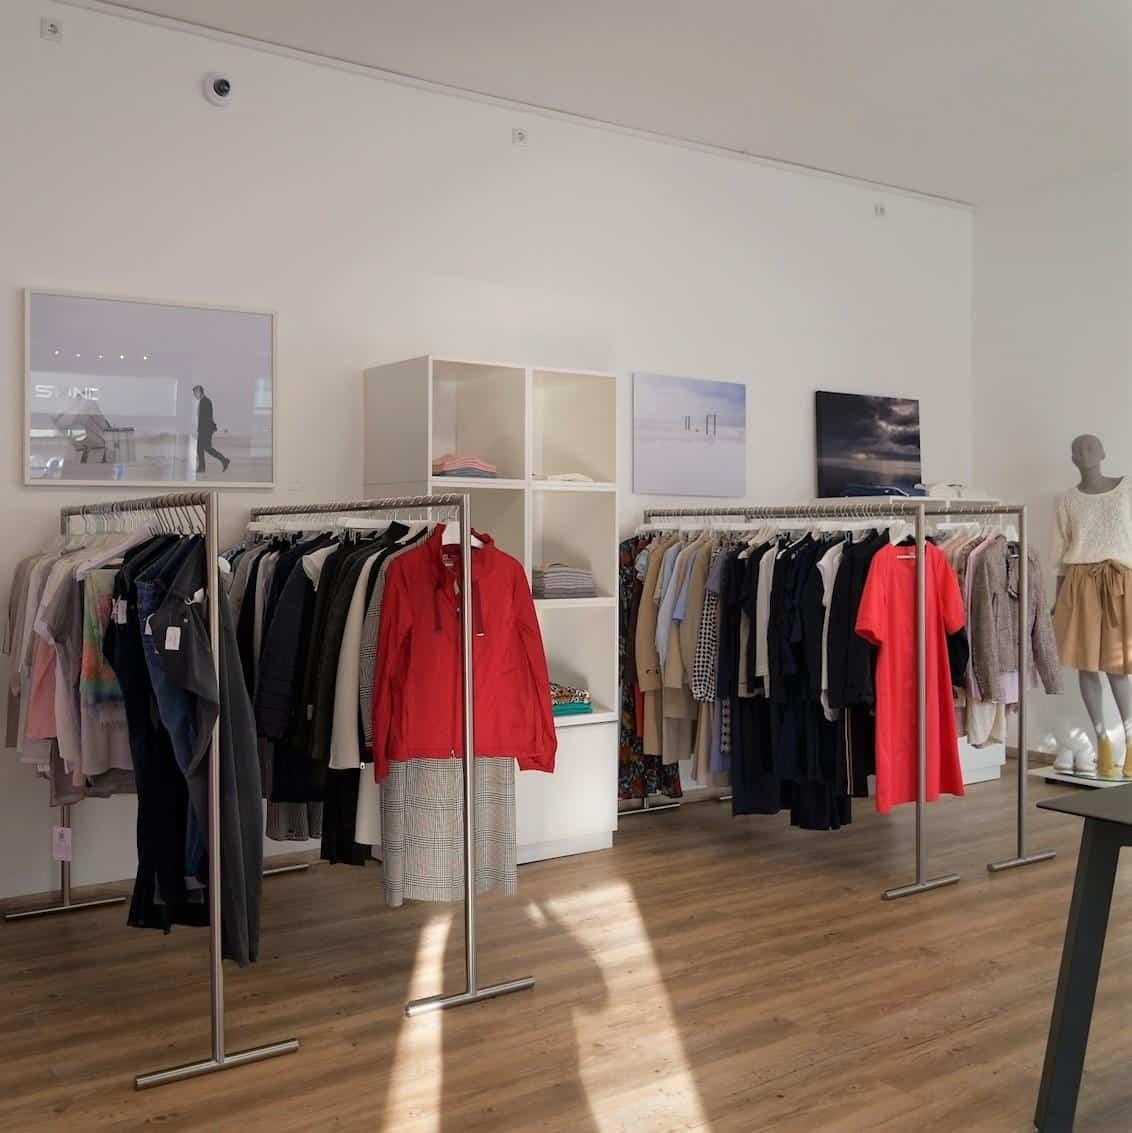 Style Hannover Standart 3 - STANDART FINEST WOMEN'S CLOTHING & ART